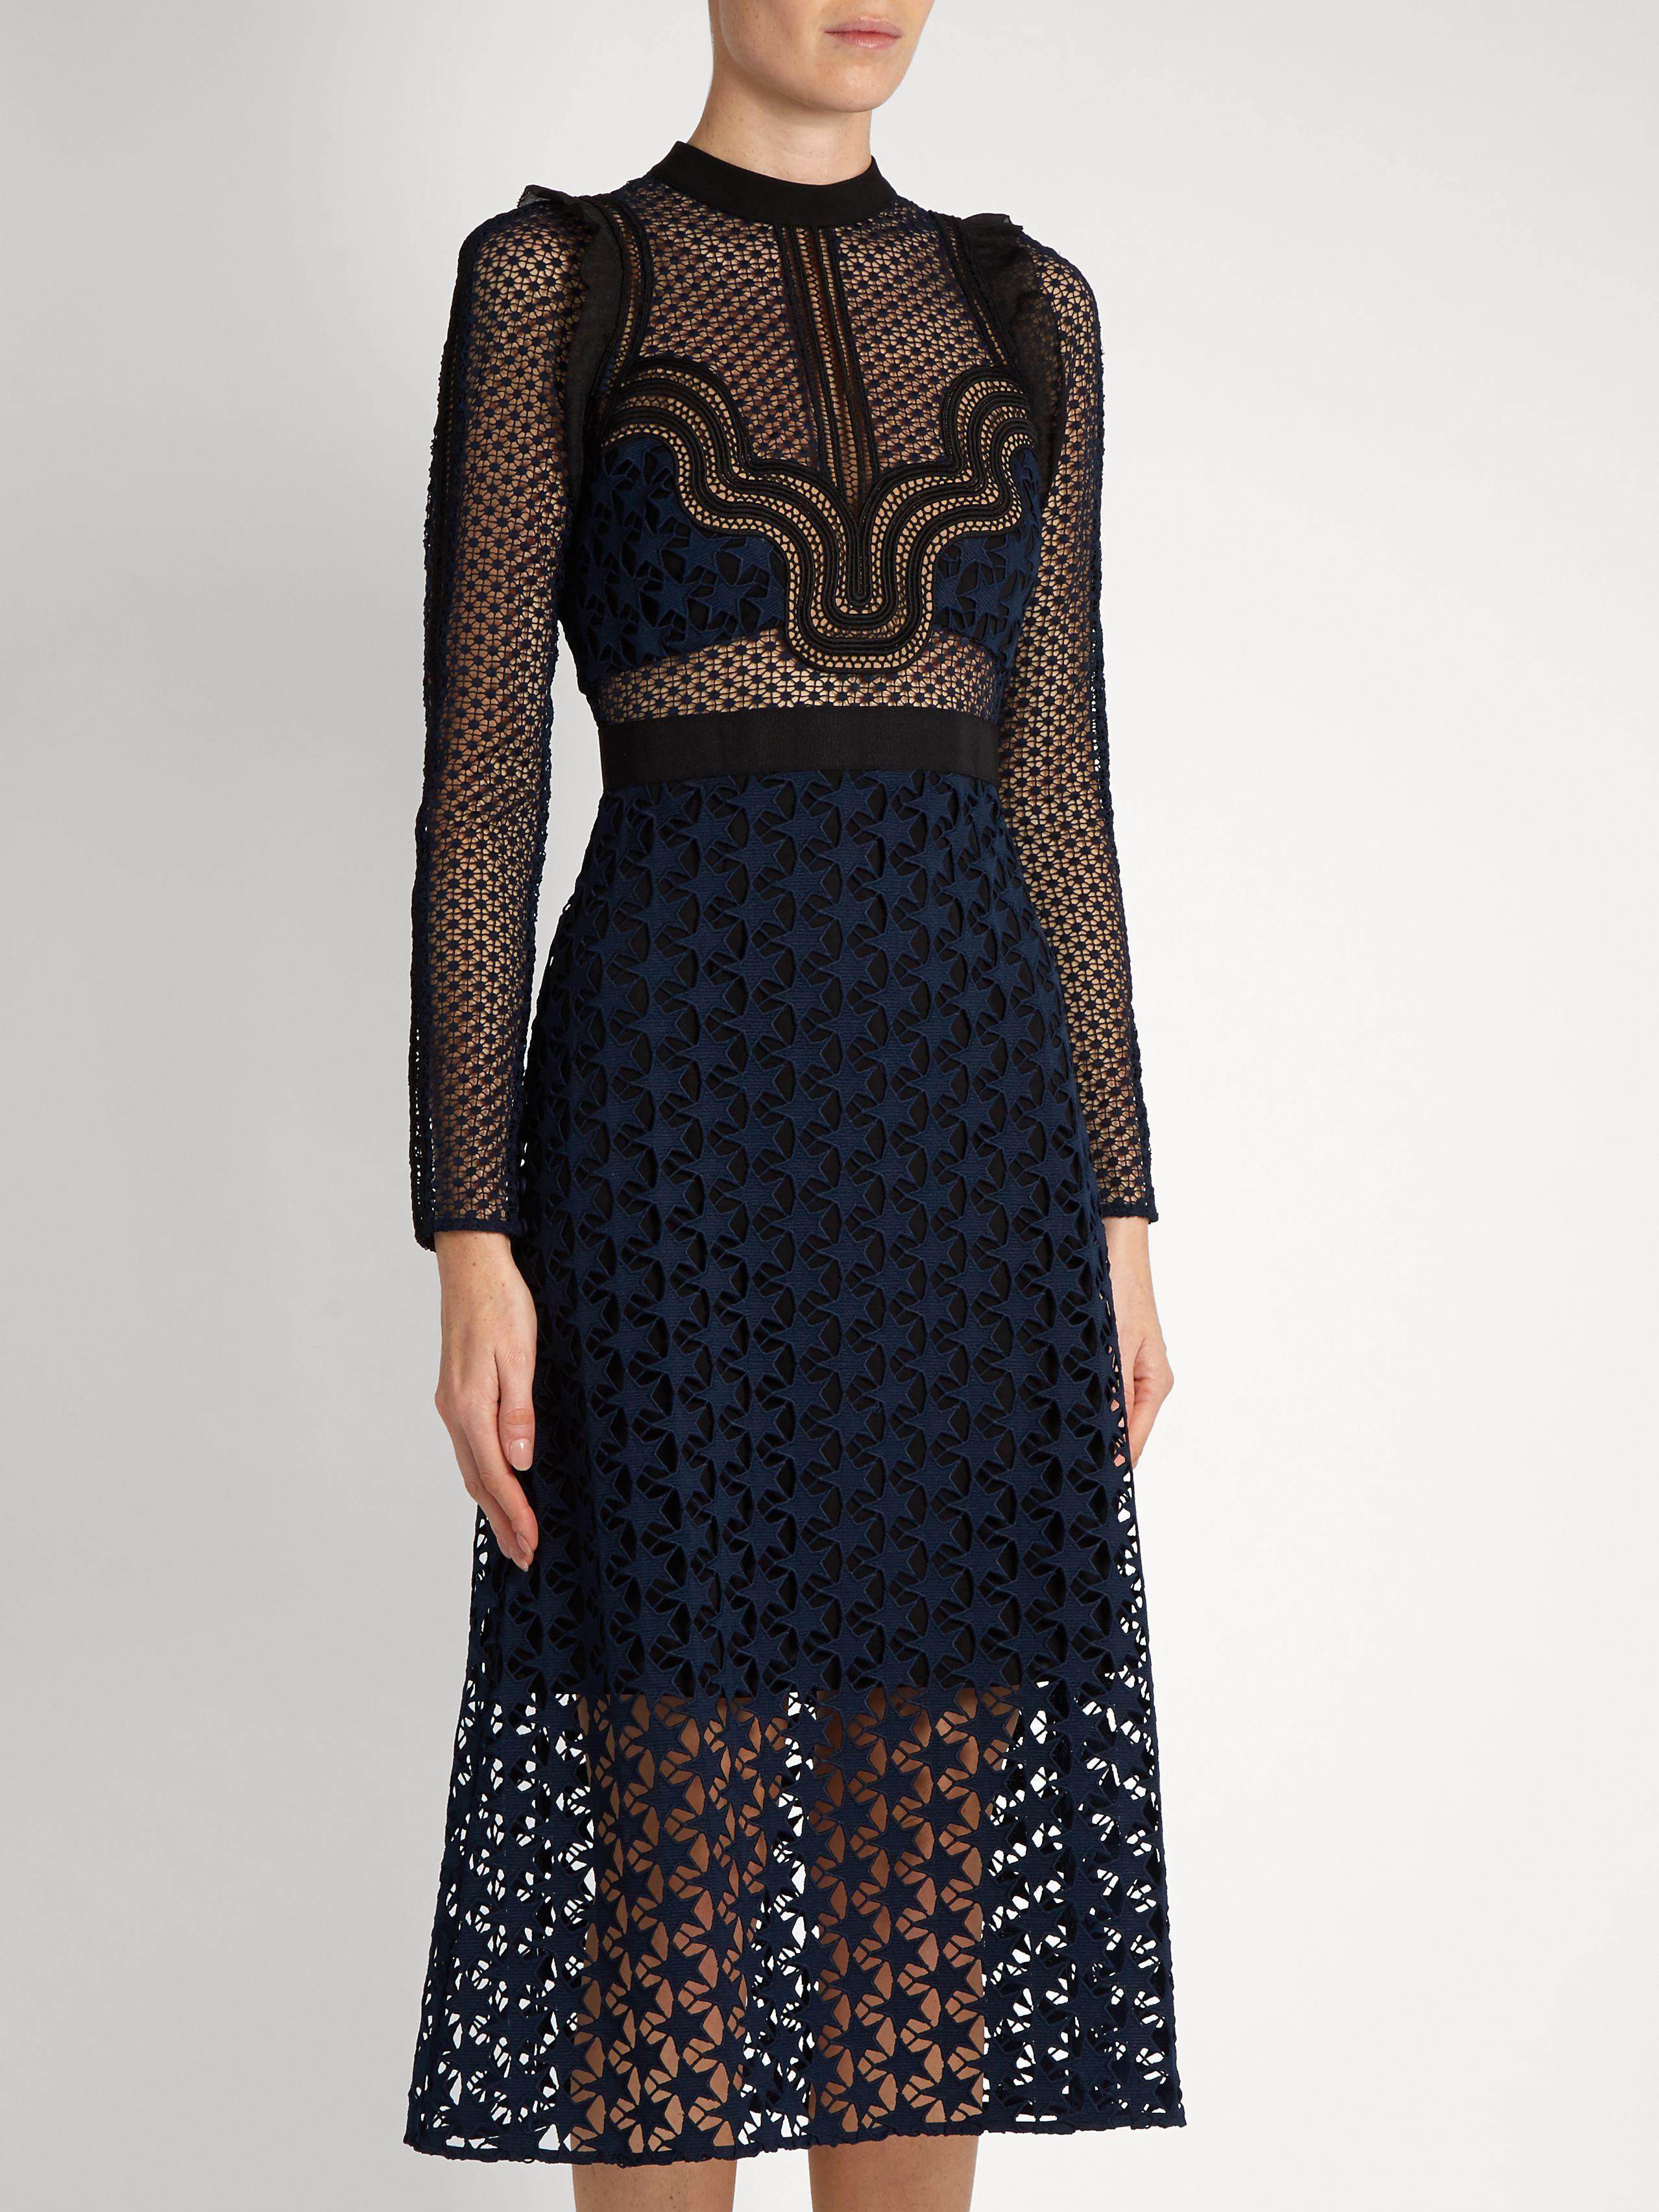 8eb5c11e5b55c Click here to buy Self-portrait Star Repeat lace midi dress at ...